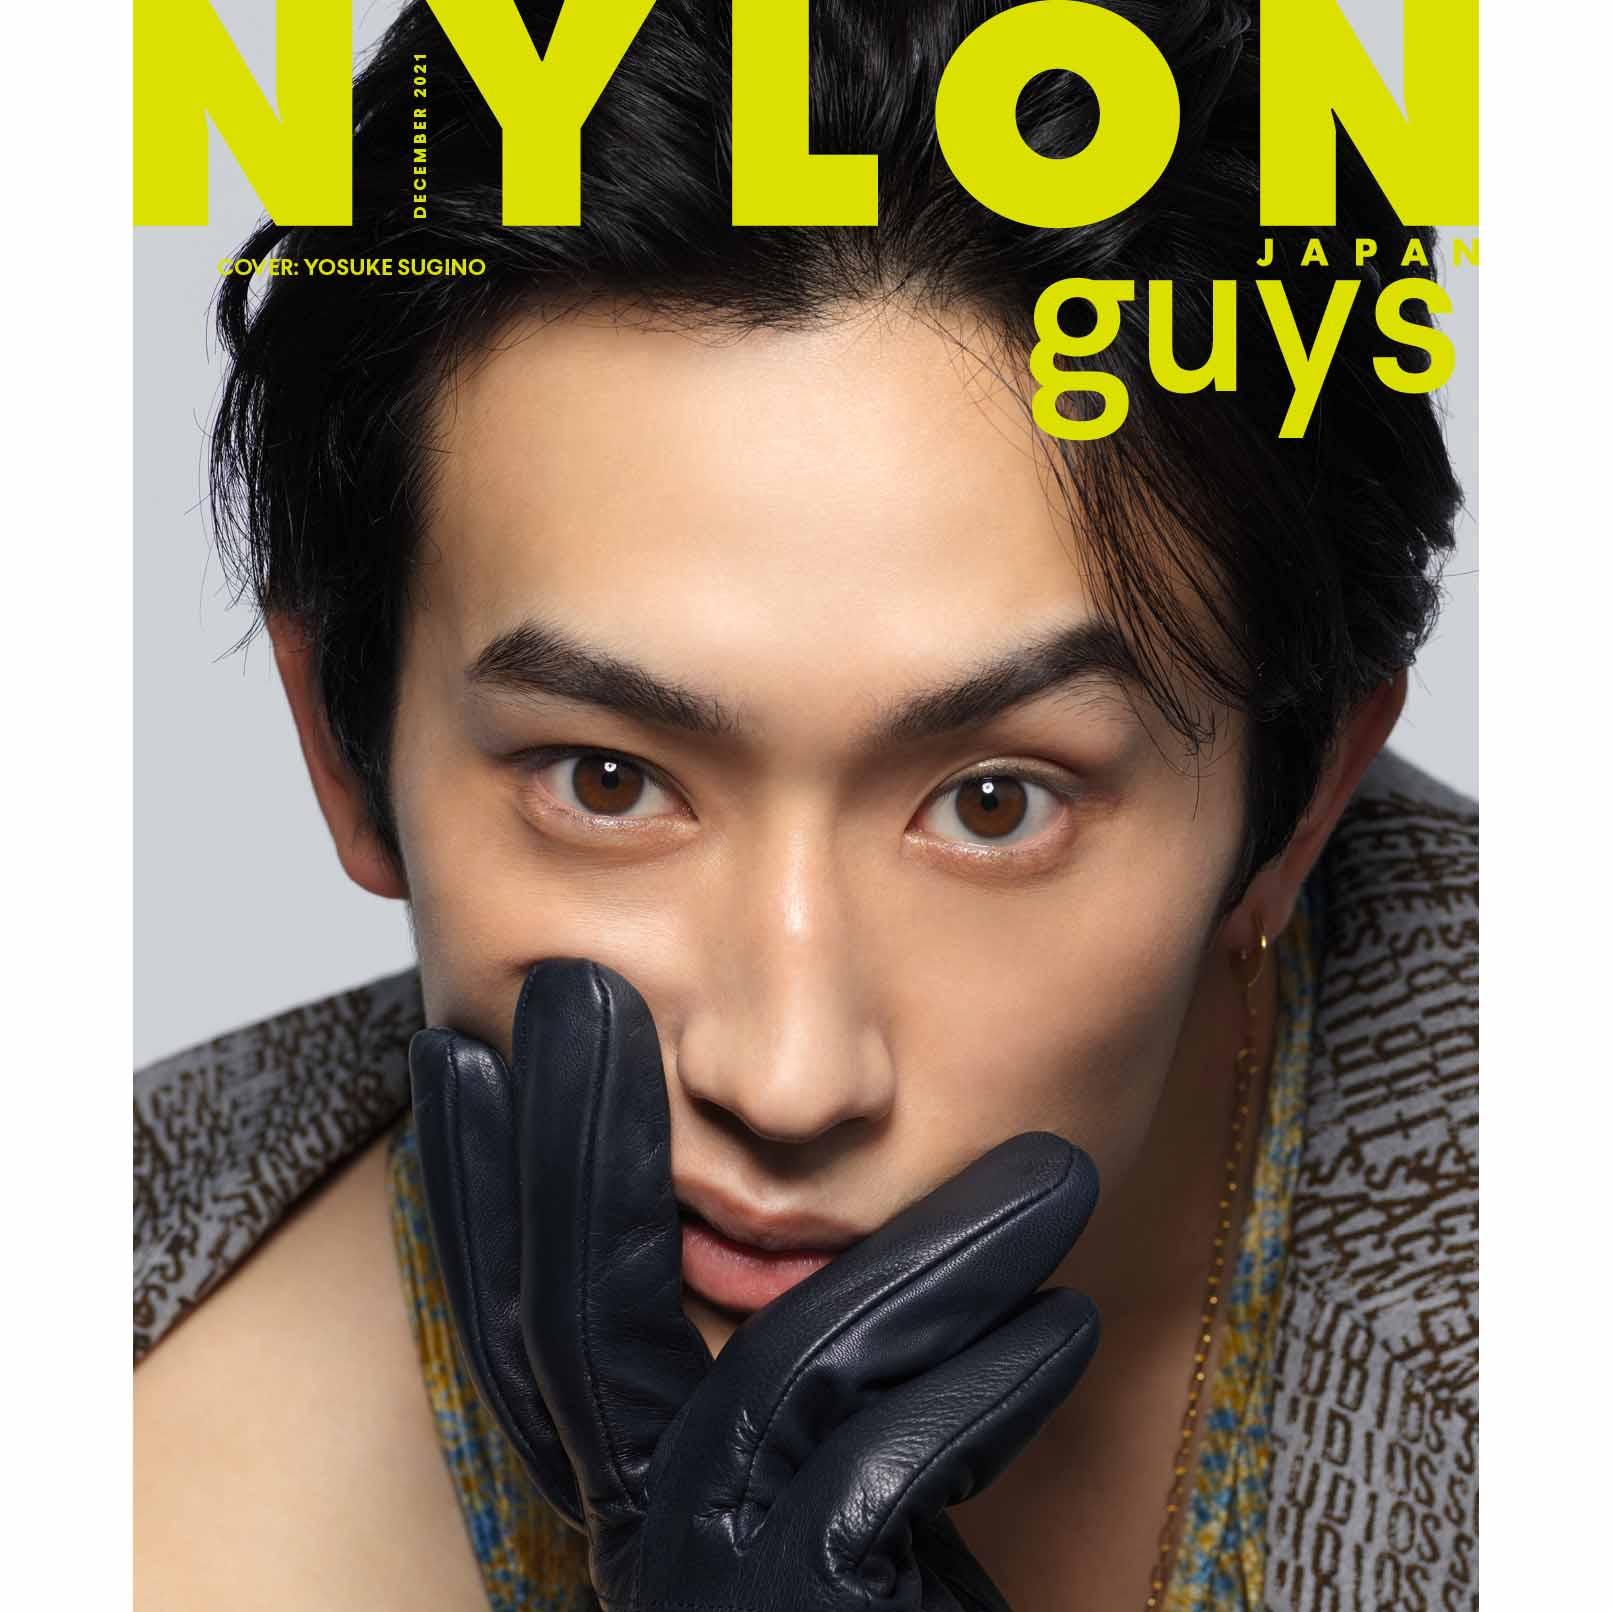 guys表紙は注目の若手俳優《杉野遥亮》が初表紙を飾る!